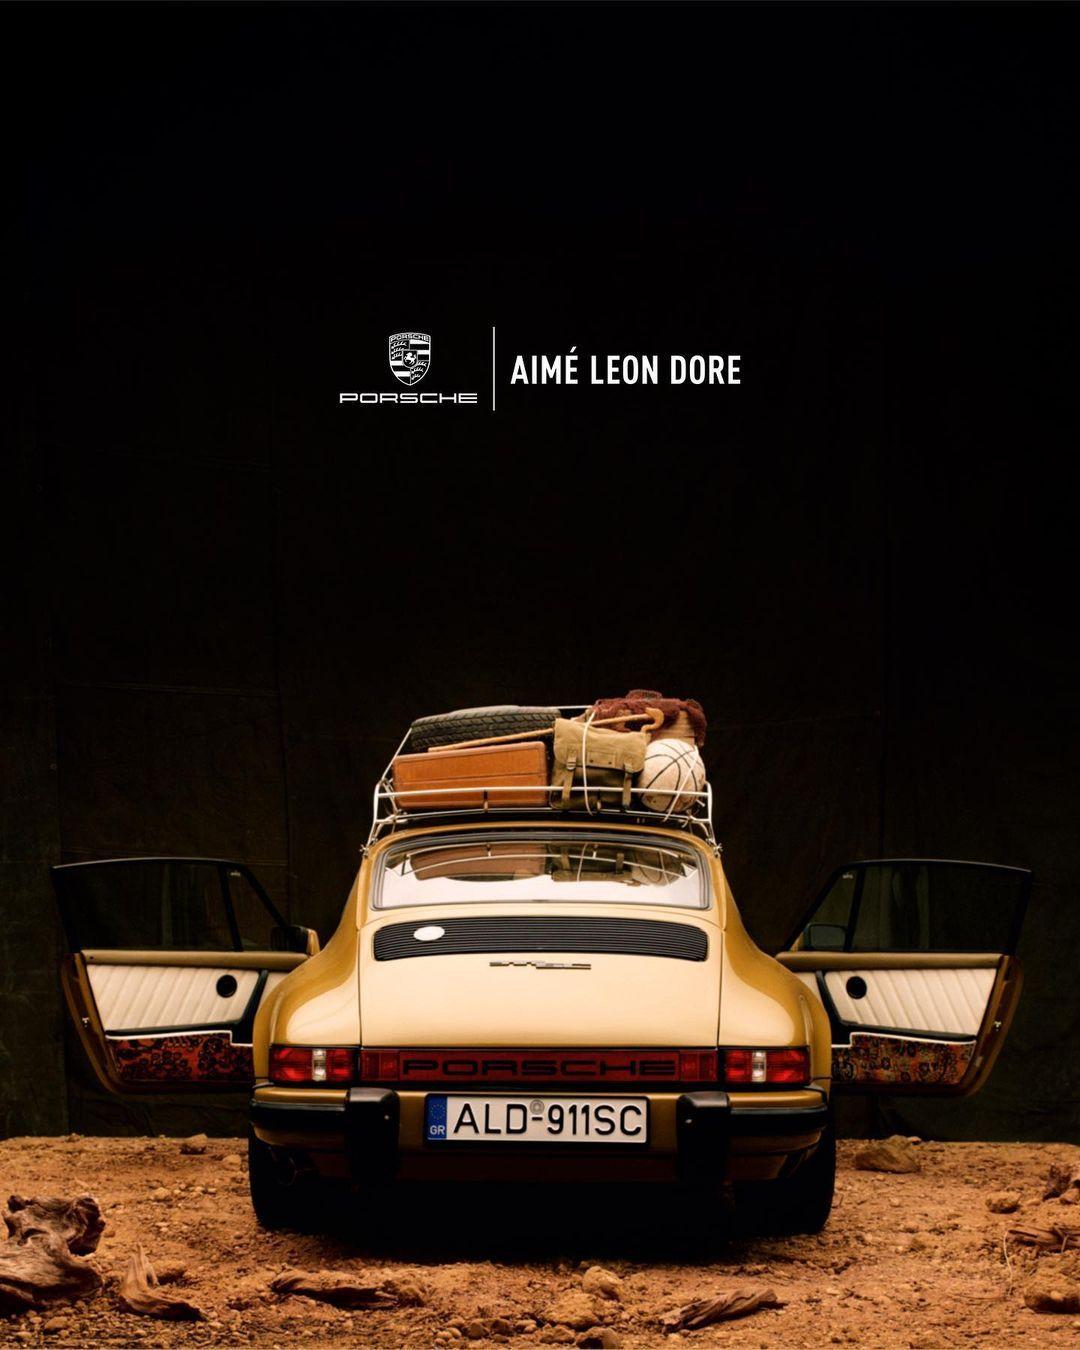 Aimé Leon Dore x Porsche